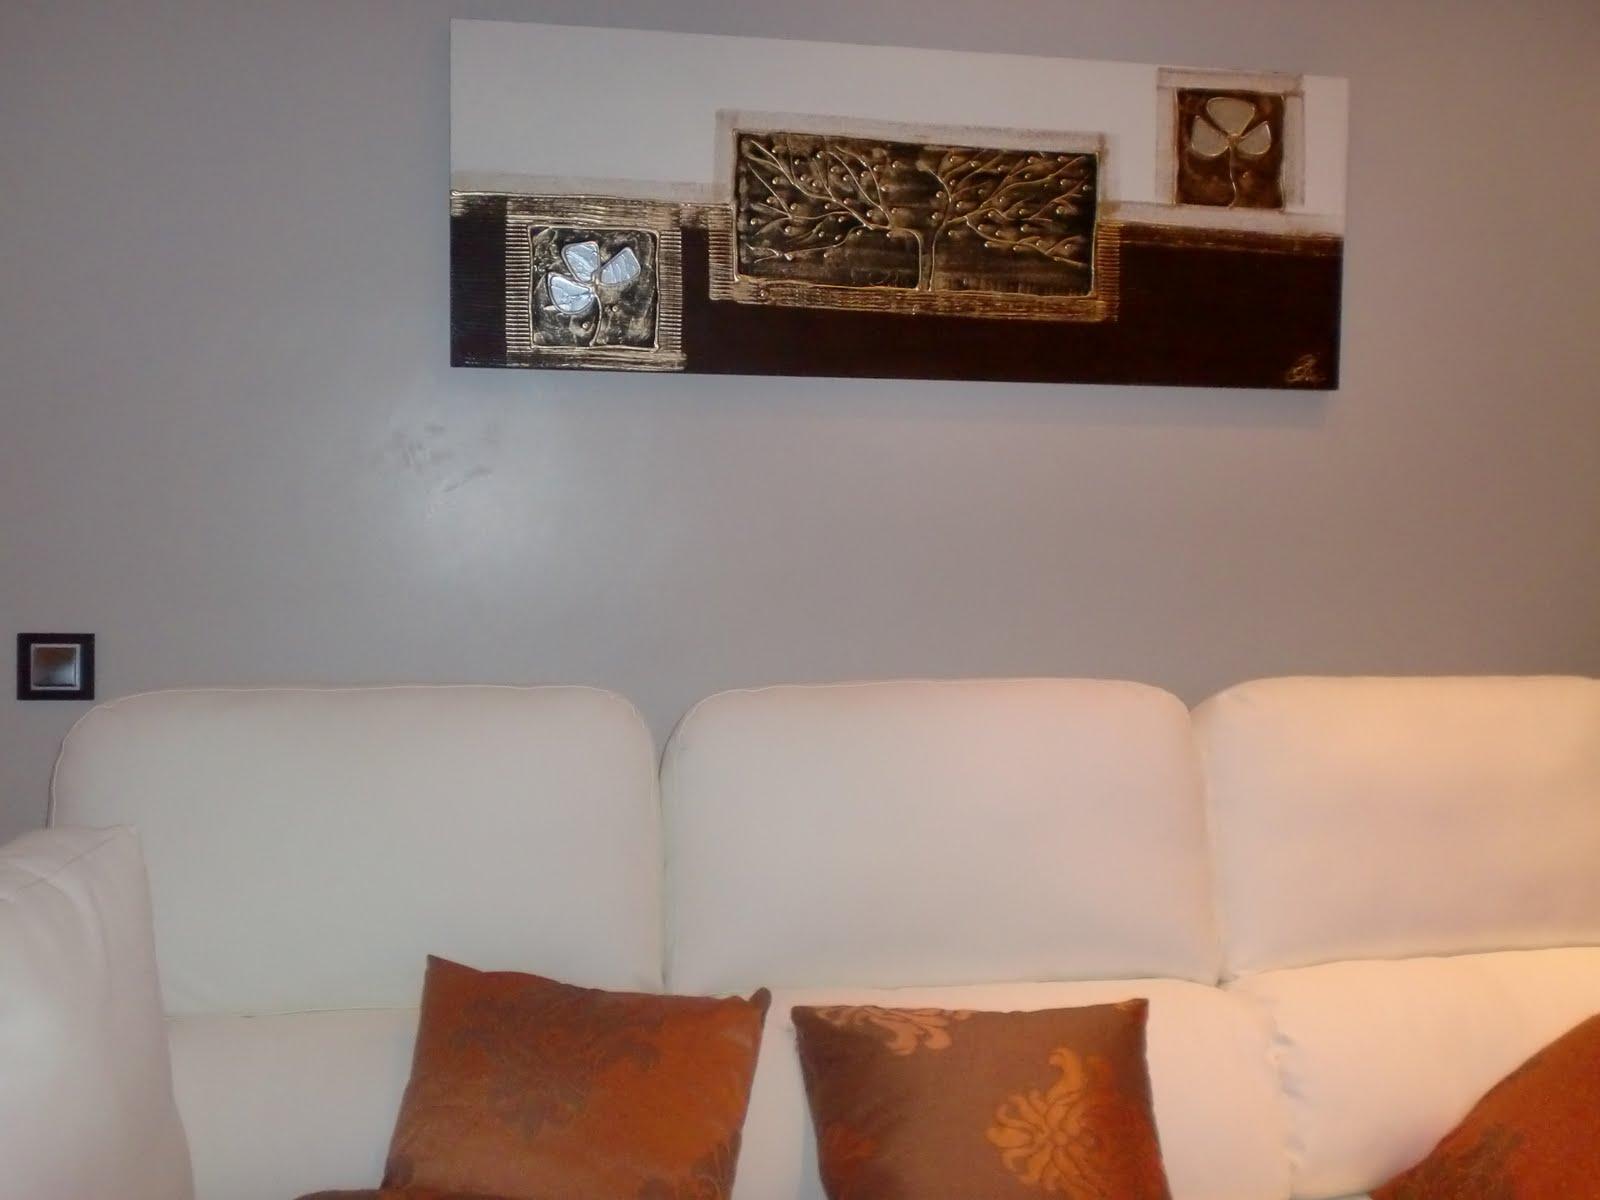 Carlospintordealtadecoracion pintura gris perla for Pintura interior gris perla